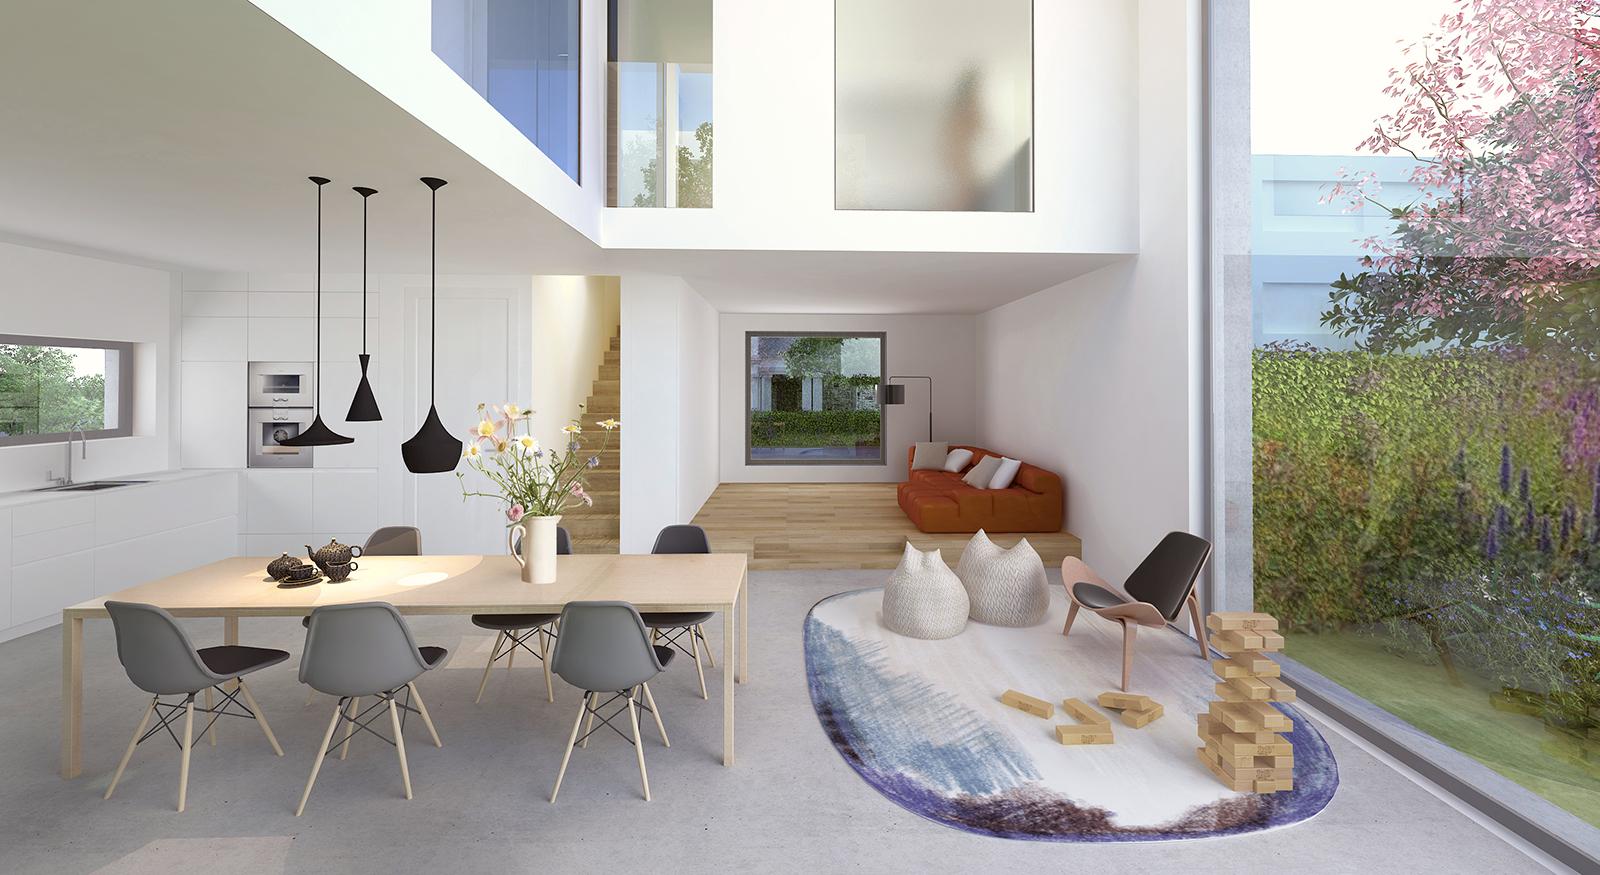 TheWayWeBuild villa Noord - interieur1600